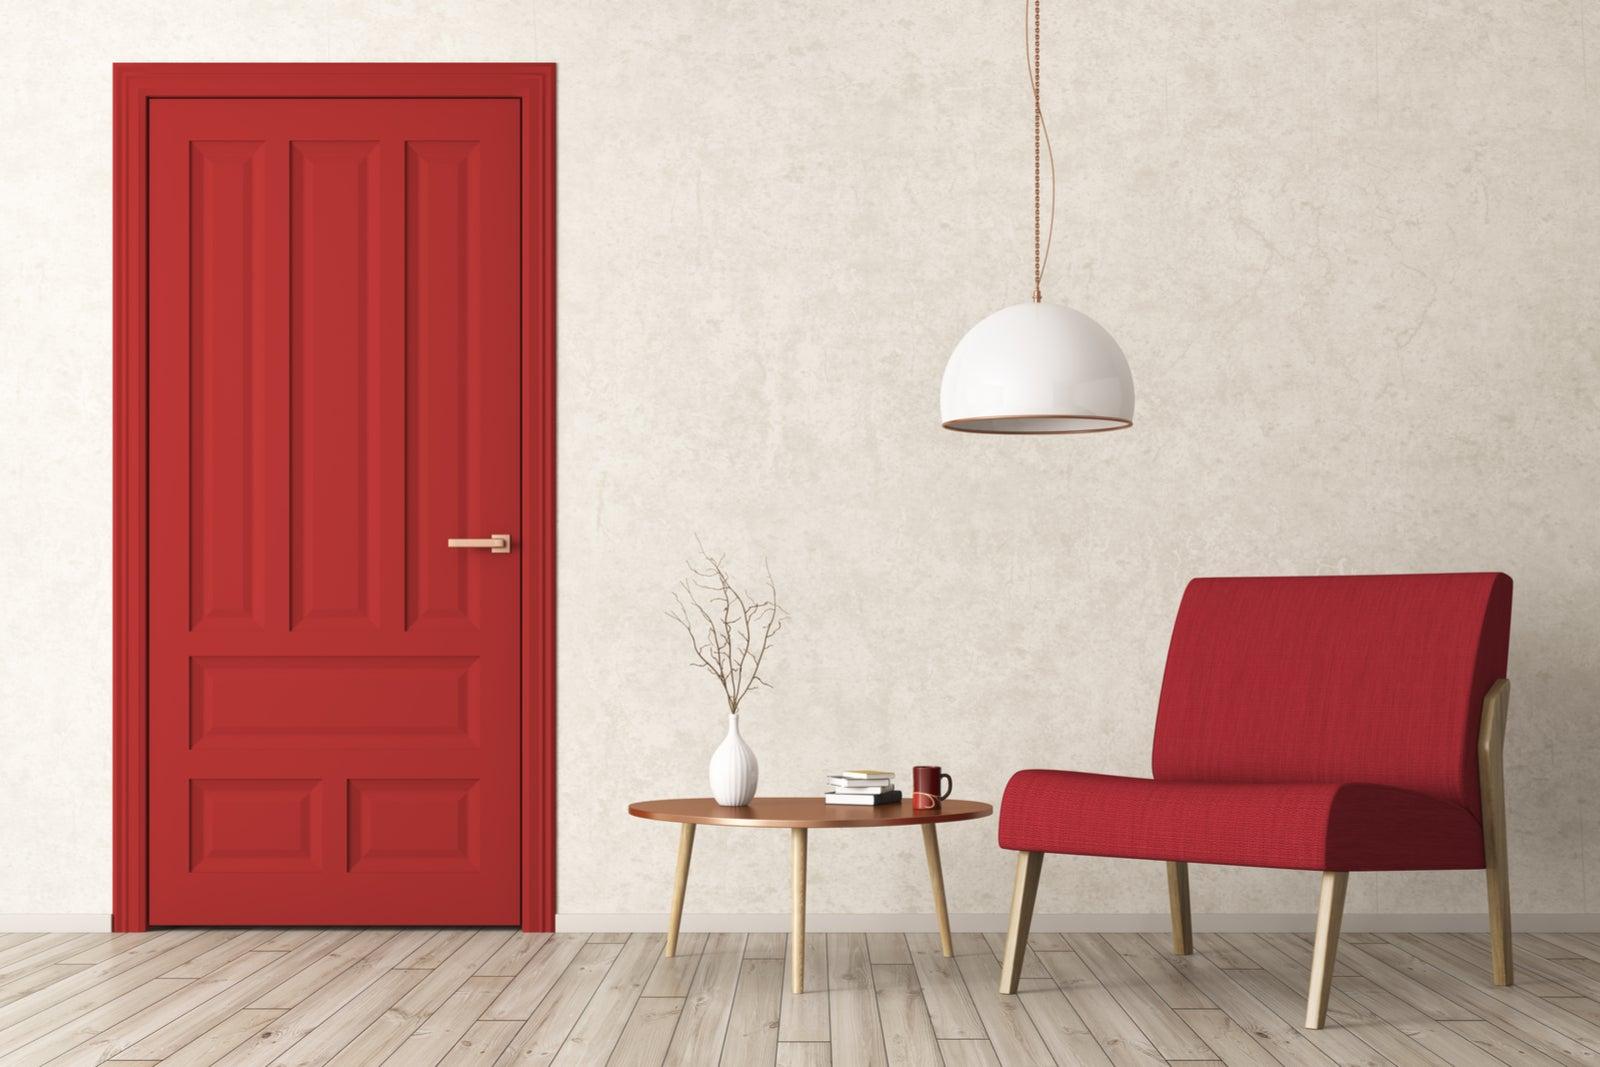 Trucos y consejos para encontrar las puertas de interior perfectas